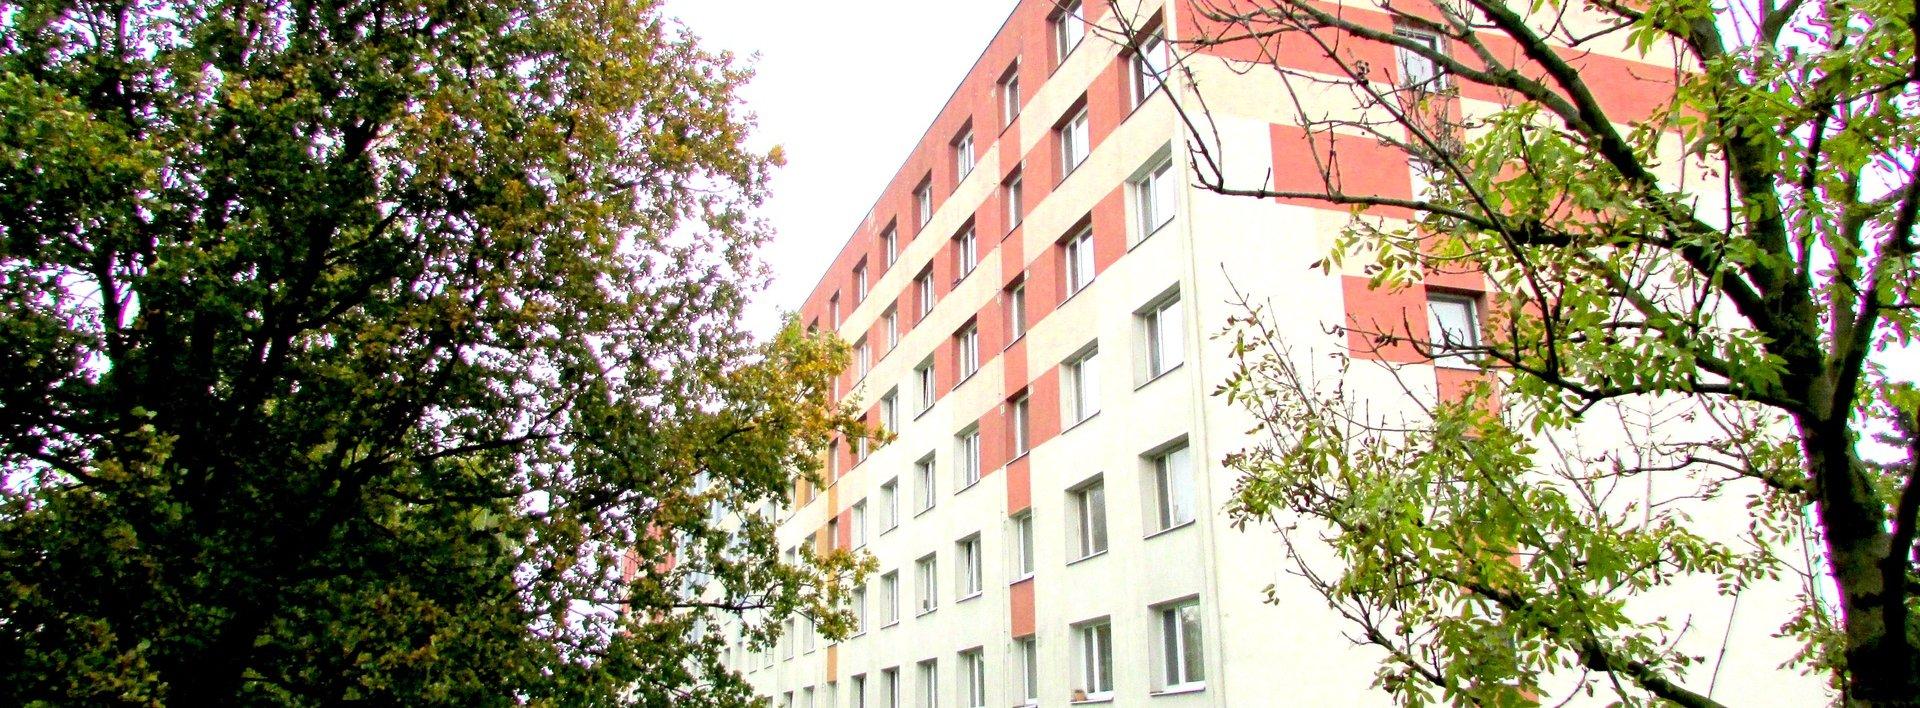 Prodej bytu 2+1 s lodžií, 69 m² - Liberec, Františkov, ul. Jáchymovská, Ev.č.: N47887